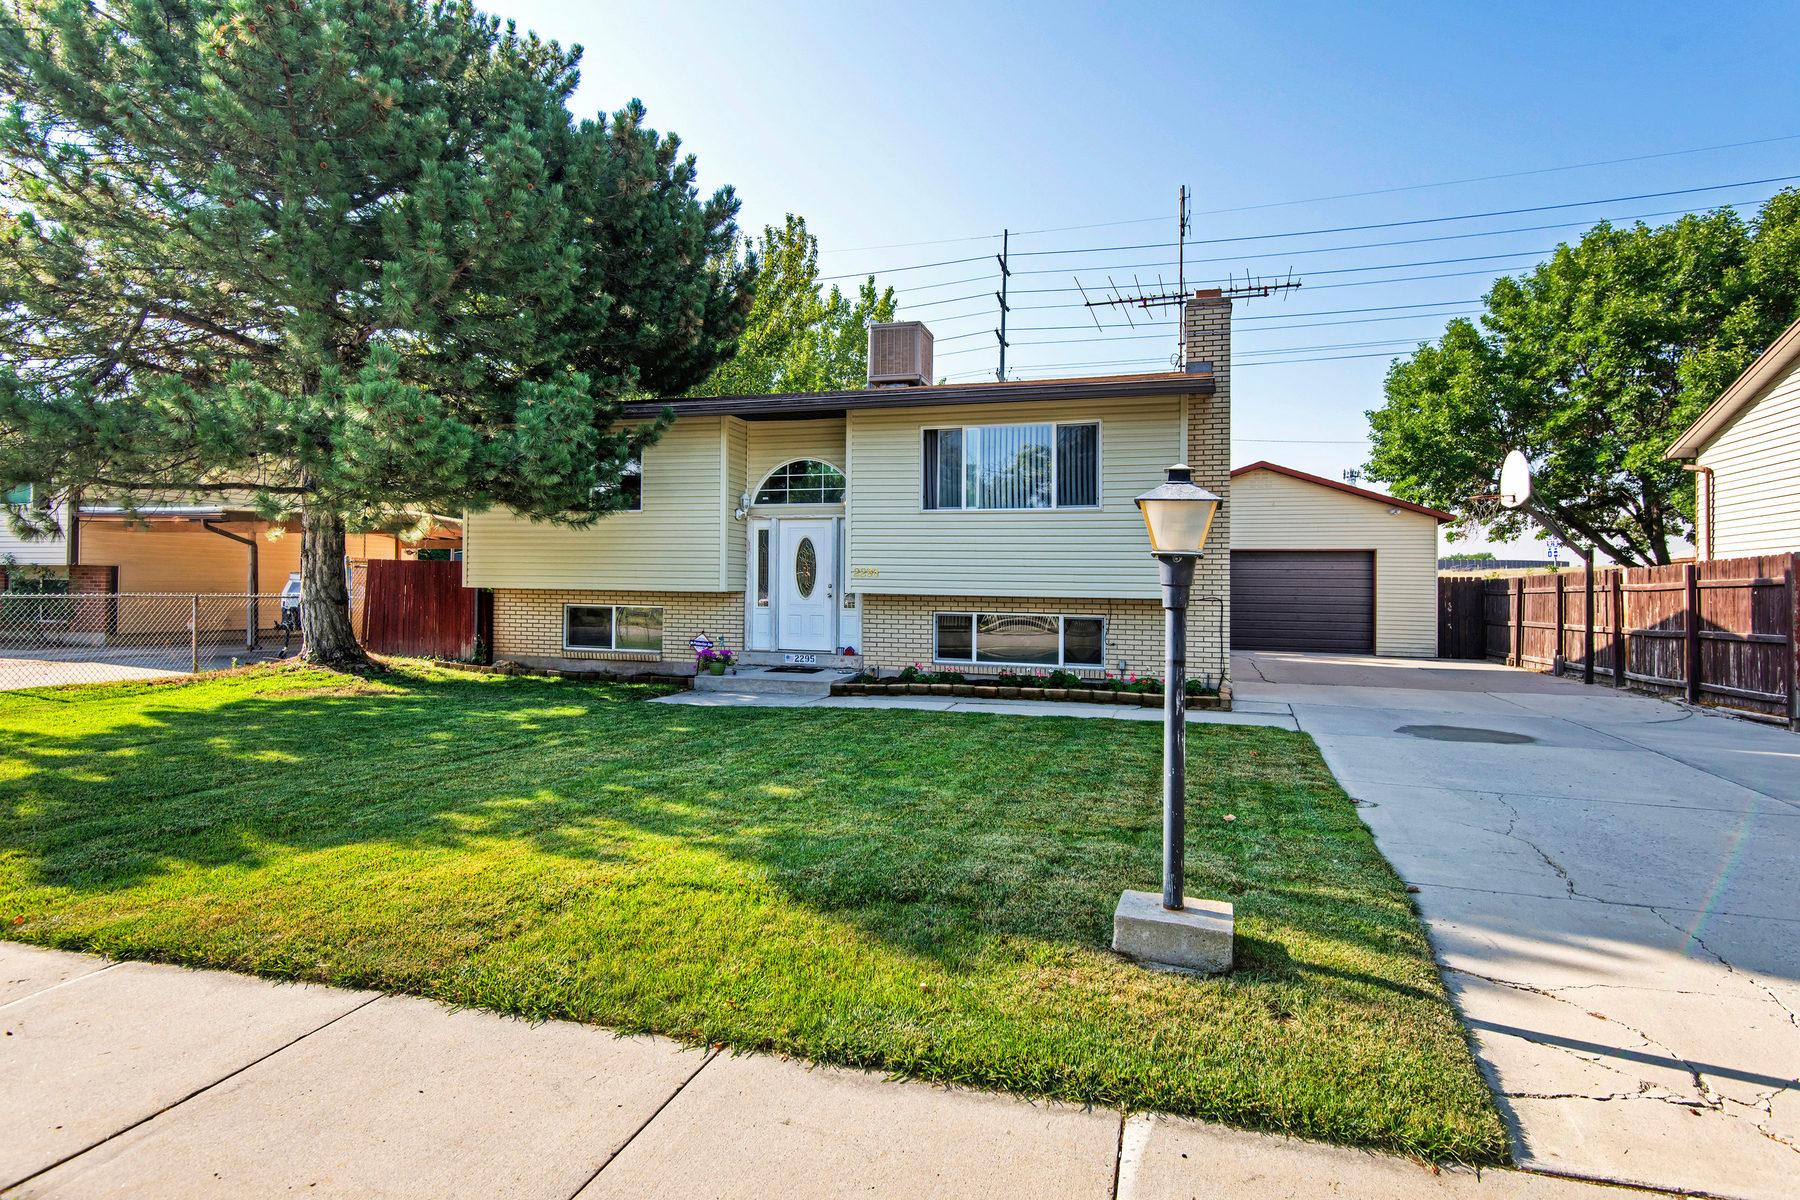 Maison unifamiliale pour l Vente à Darling Home in Nice Neighborhood 2295 W Edgeware Ln Taylorsville, Utah 84129 États-Unis